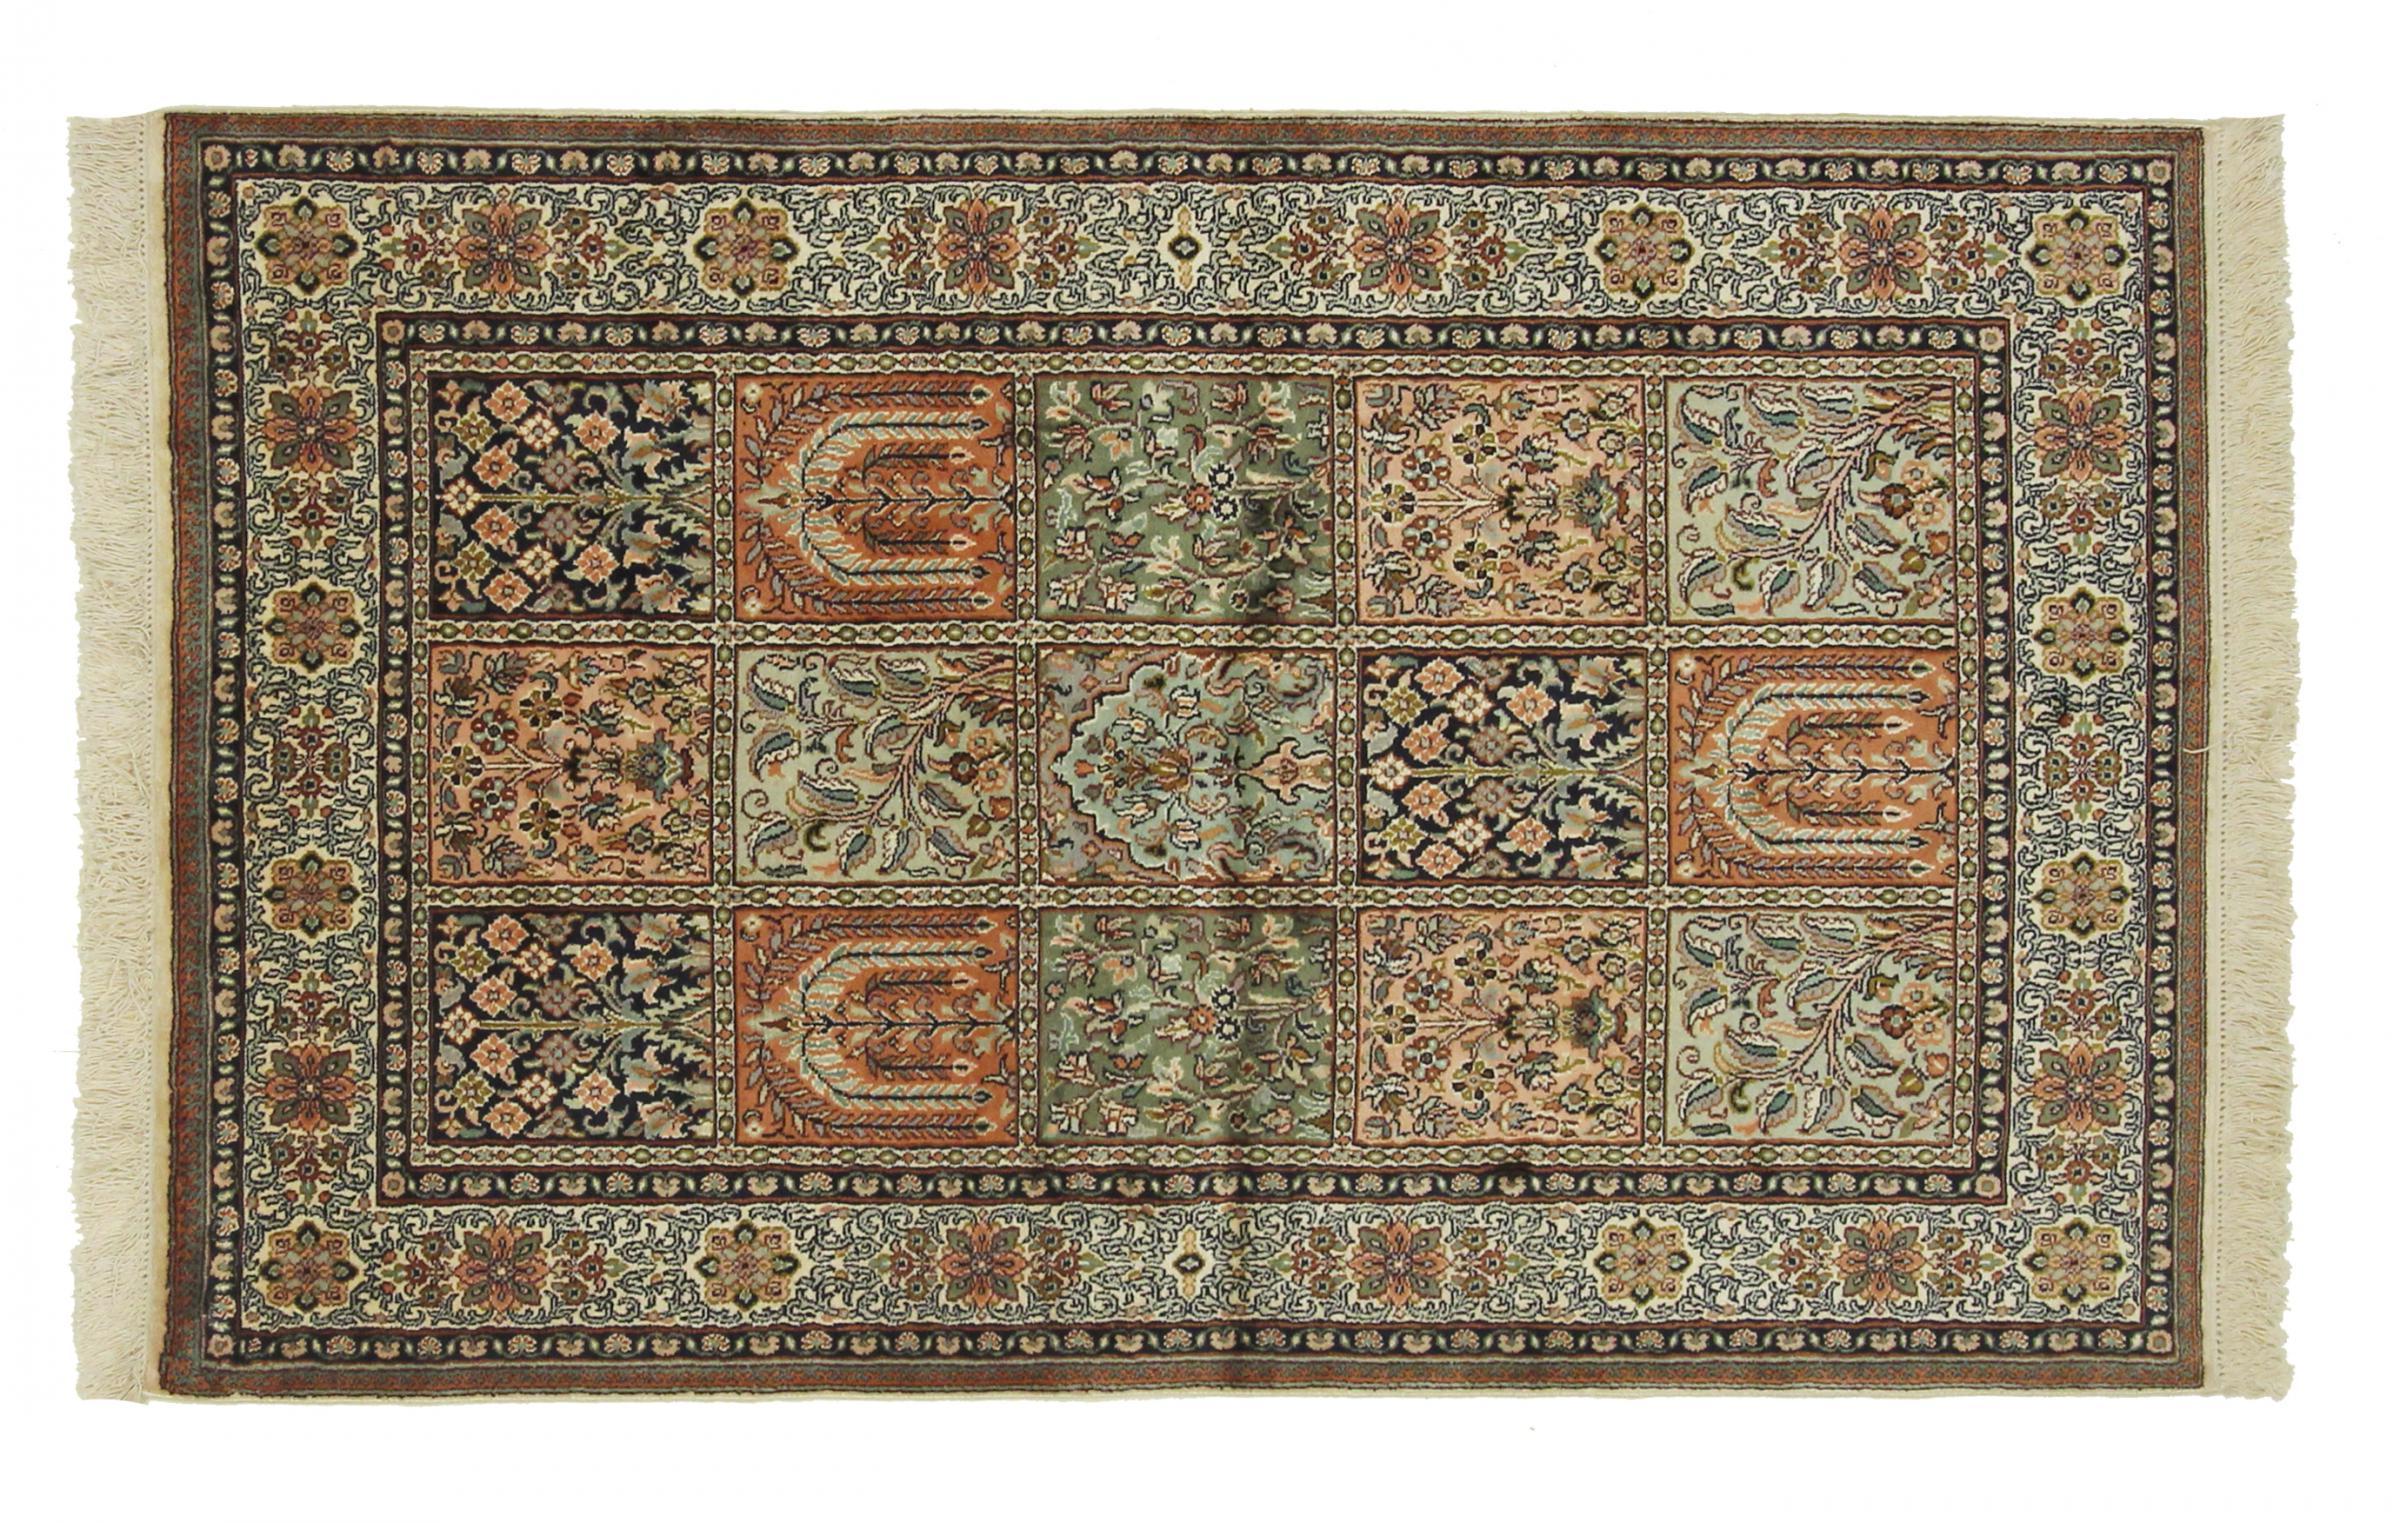 kaschmir reine seide indischer teppich 155x96 id22033. Black Bedroom Furniture Sets. Home Design Ideas